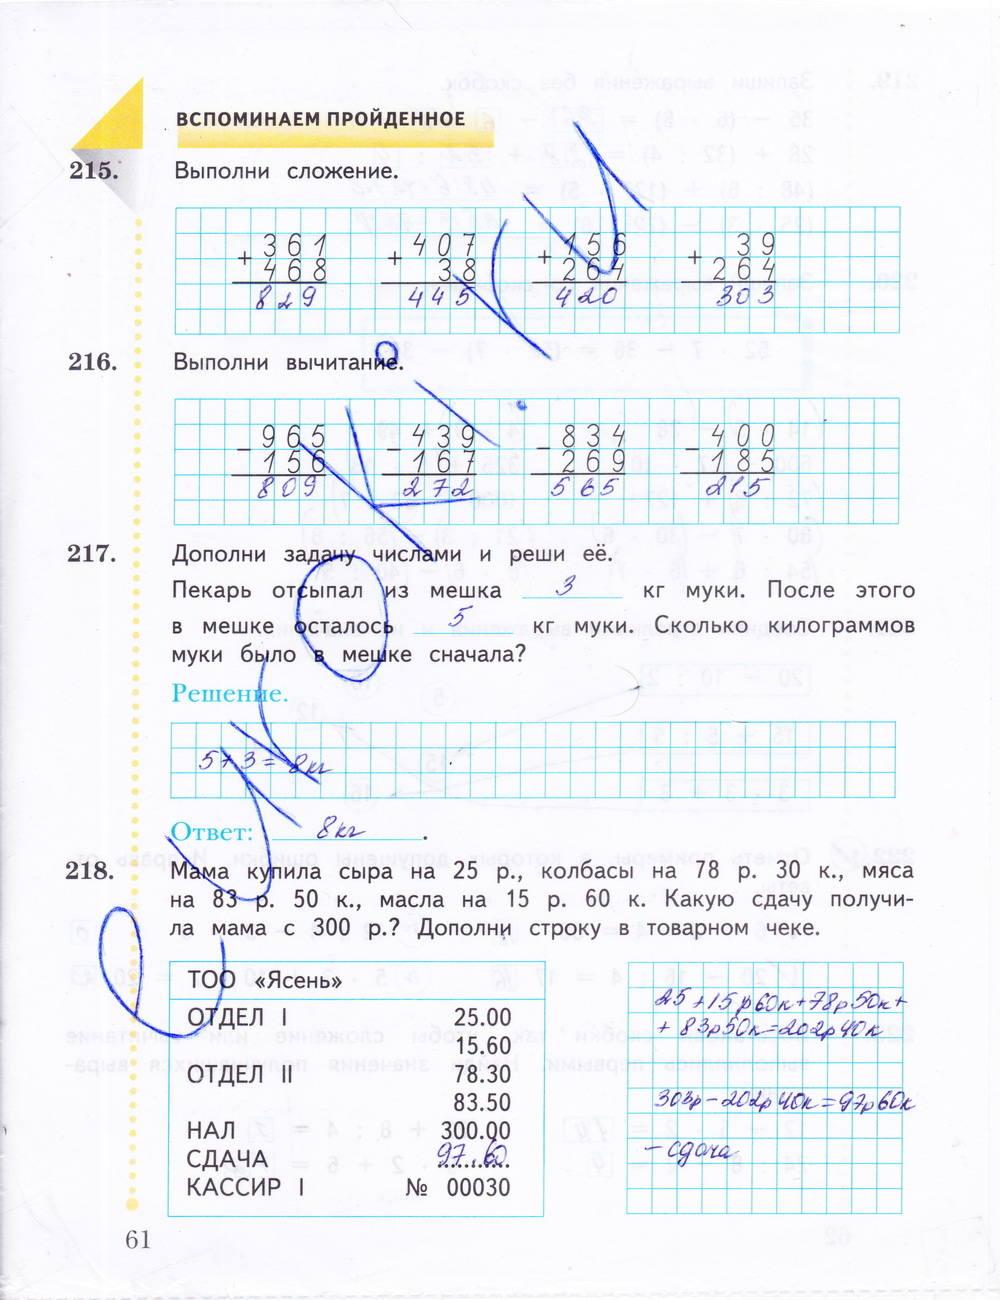 Гдз по математике рабочая тетрадь 3 класс рудницкая и юдачева часть